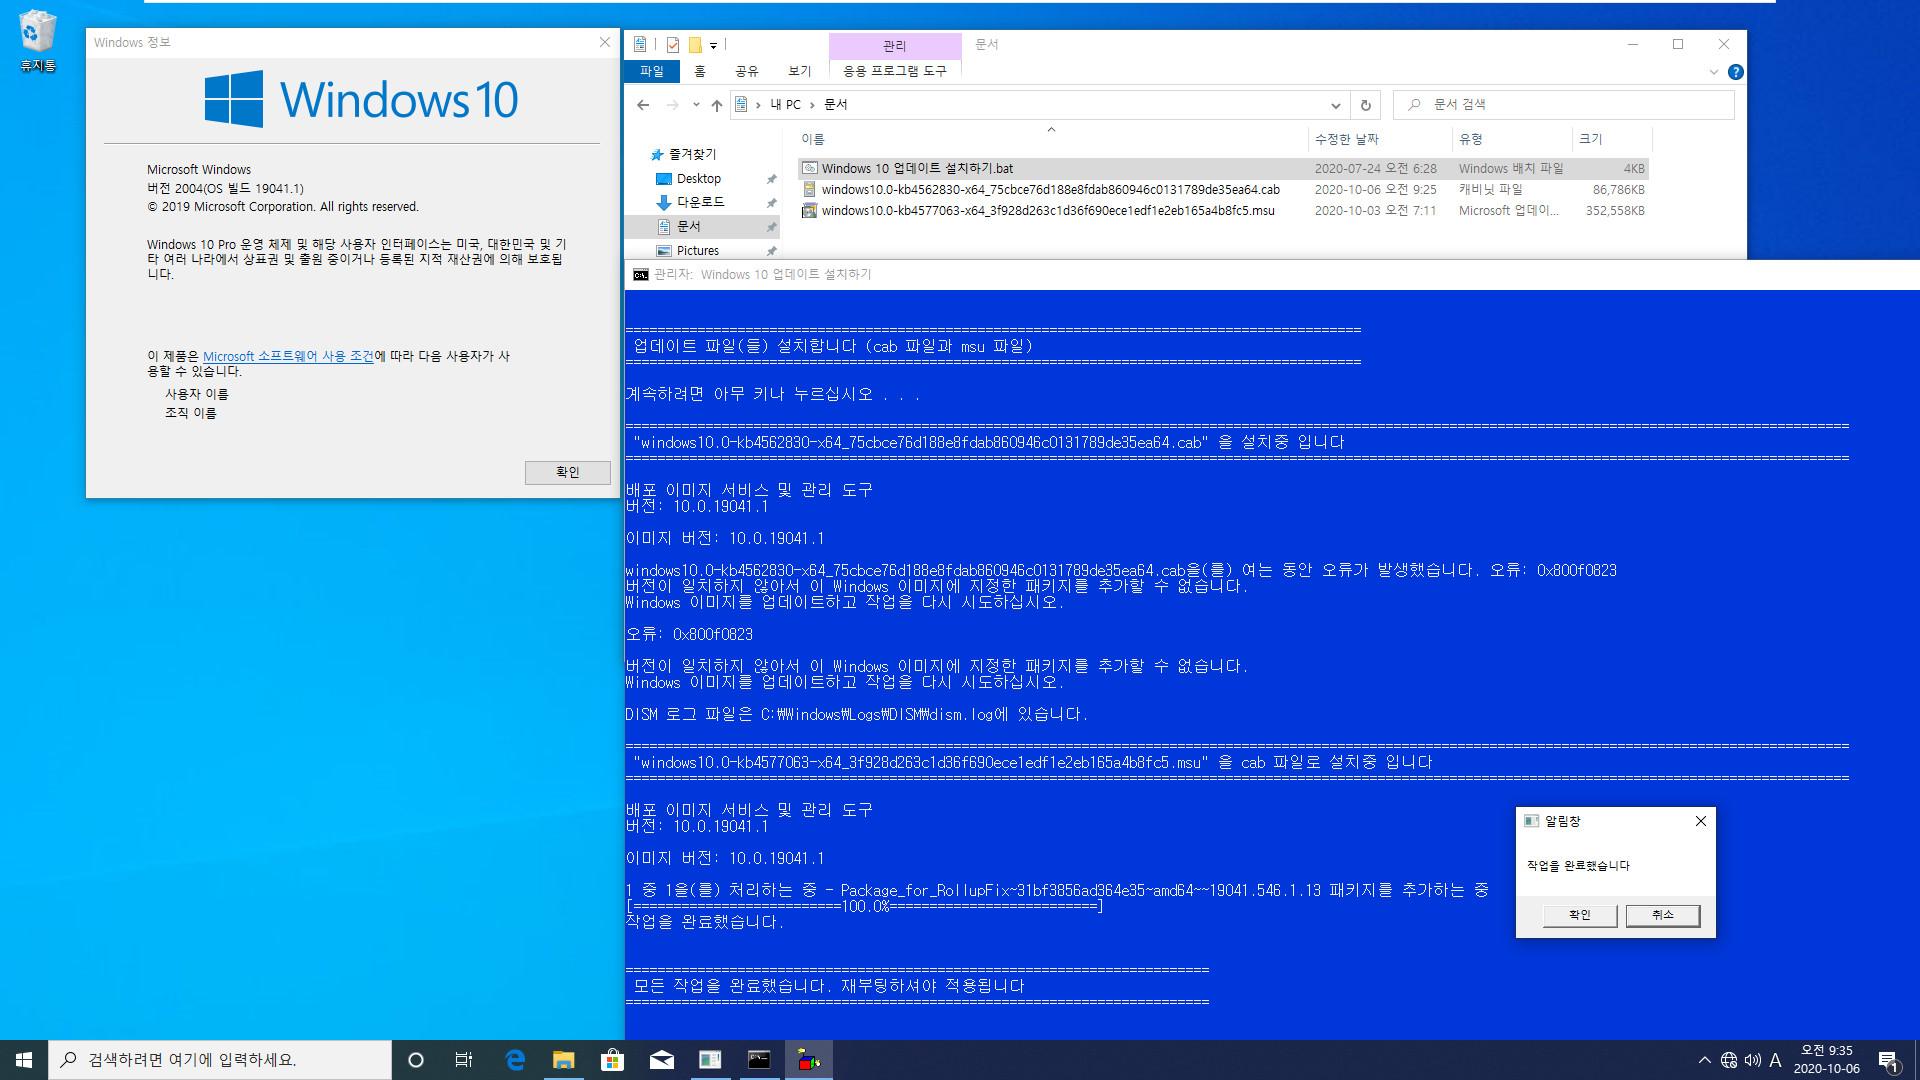 버전 2004 (20H1)에서 버전 2009 (20H2) 업그레이드하기 - 누적 업데이트와 서비스 스택이 설치되어 있지 않은 경우 2020-10-06_093526.jpg